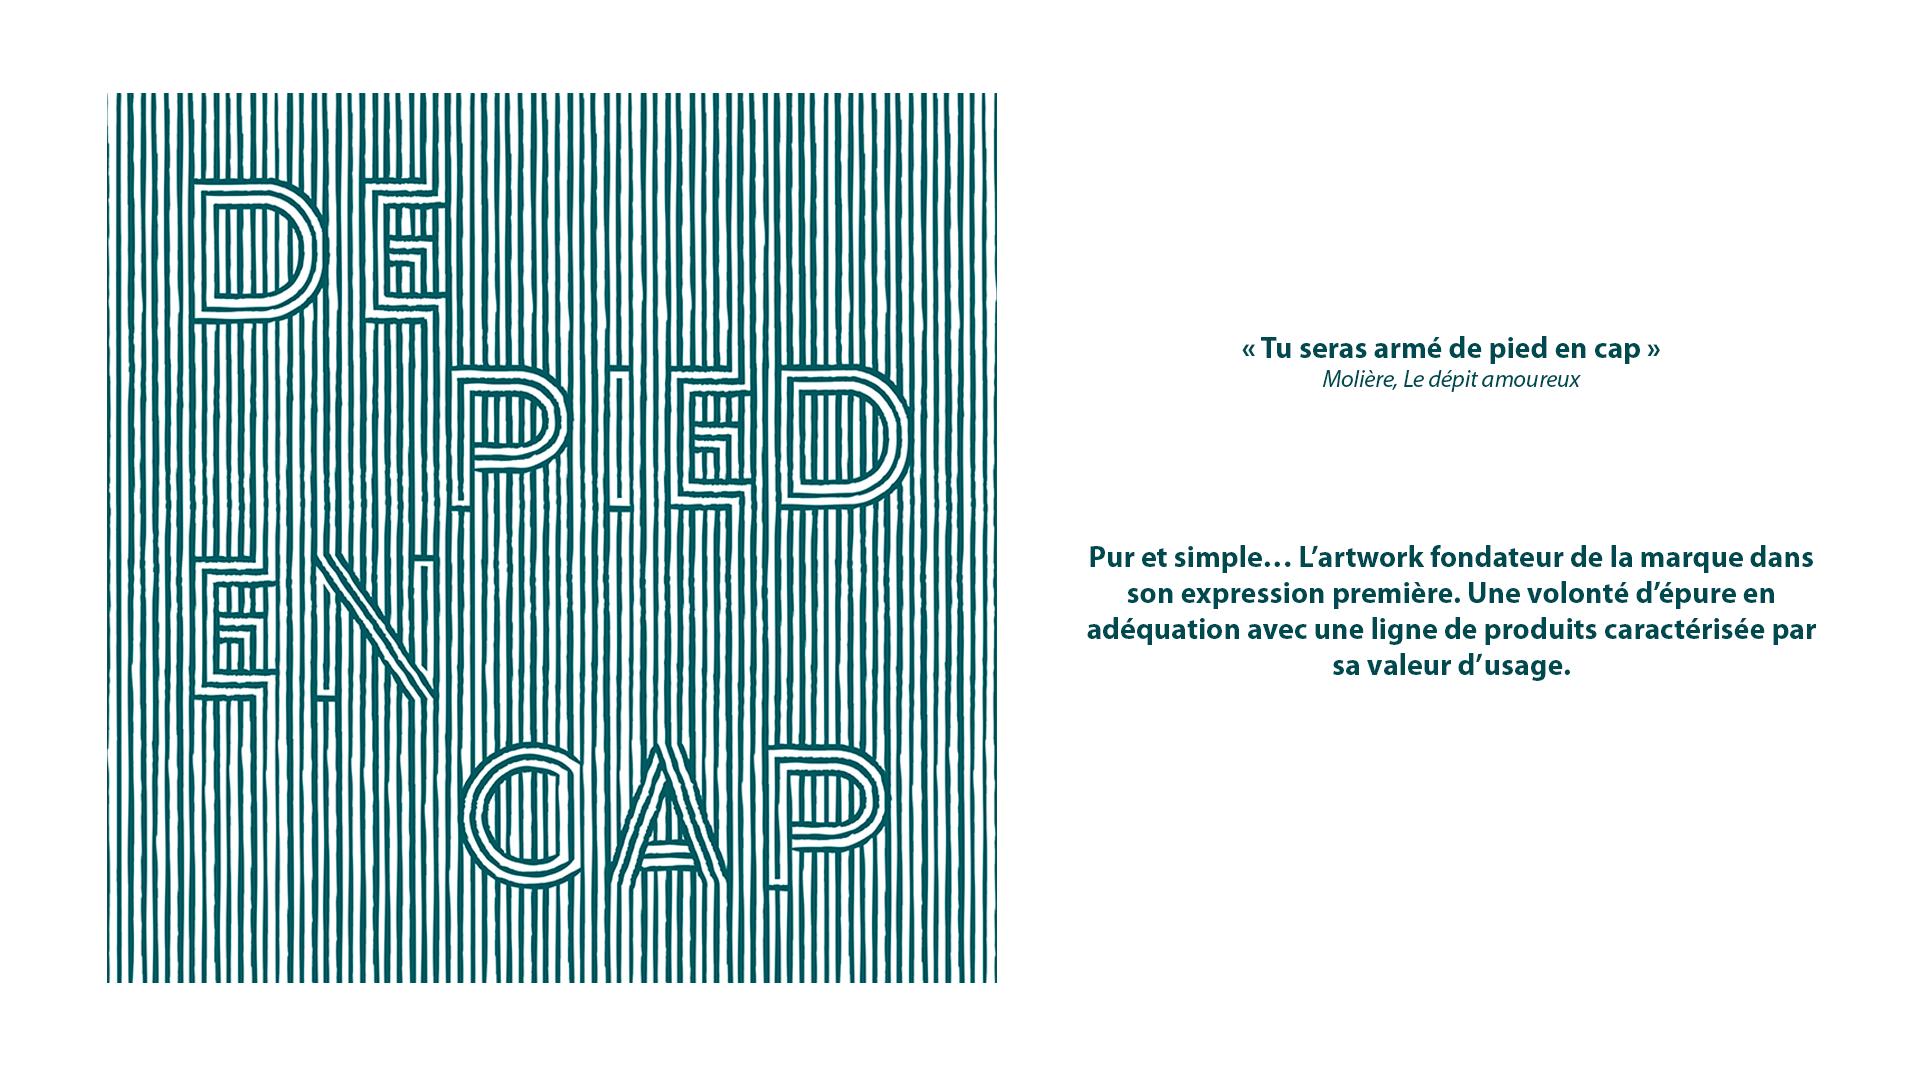 Collection De Pied en Cap BOW&Co, image de référence de la collection avec nom écrit